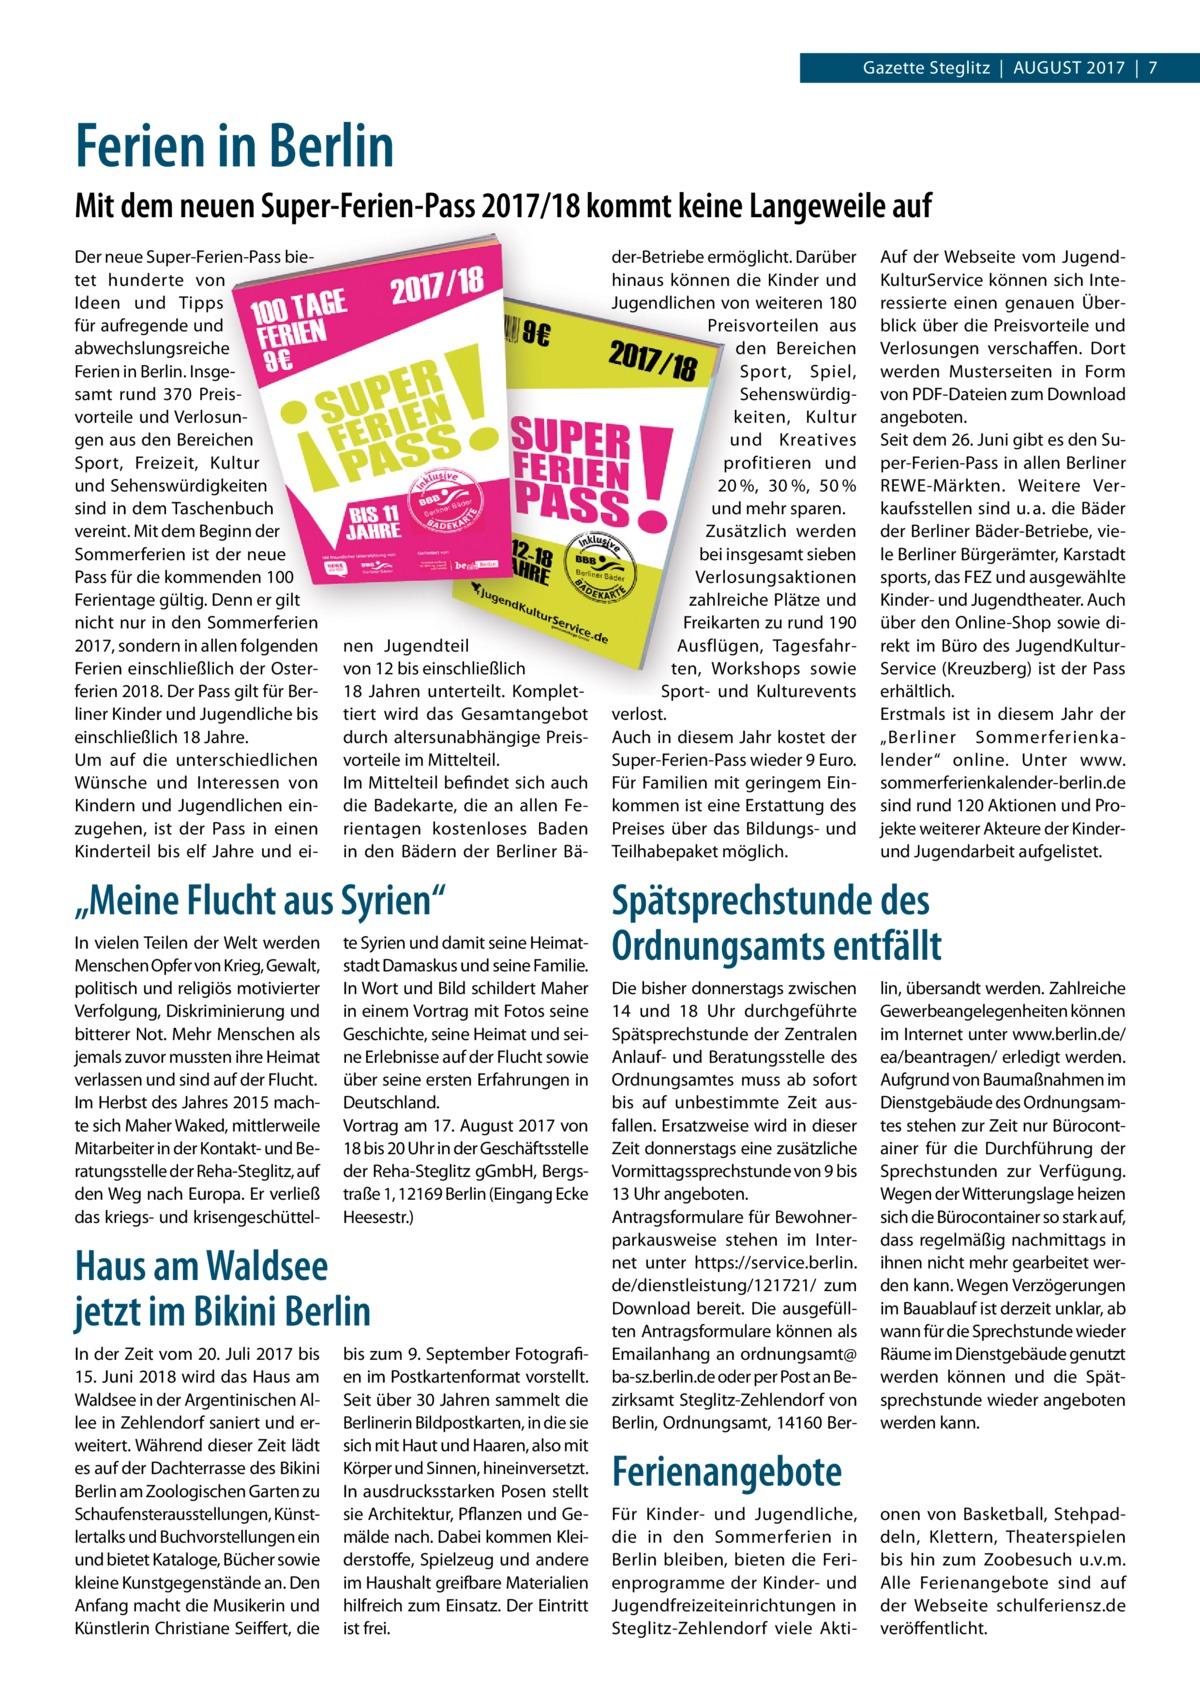 """Gazette Steglitz August 2017 7  Ferien in Berlin Mit dem neuen Super-Ferien-Pass 2017/18 kommt keine Langeweile auf Der neue Super-Ferien-Pass bietet hunderte von Ideen und Tipps für aufregende und abwechslungsreiche Ferien in Berlin. Insgesamt rund 370 Preisvorteile und Verlosungen aus den Bereichen Sport, Freizeit, Kultur und Sehenswürdigkeiten sind in dem Taschenbuch vereint. Mit dem Beginn der Sommerferien ist der neue Pass für die kommenden 100 Ferientage gültig. Denn er gilt nicht nur in den Sommerferien 2017, sondern in allen folgenden Ferien einschließlich der Osterferien 2018. Der Pass gilt für Berliner Kinder und Jugendliche bis einschließlich 18Jahre. Um auf die unterschiedlichen Wünsche und Interessen von Kindern und Jugendlichen einzugehen, ist der Pass in einen Kinderteil bis elf Jahre und ei nen Jugendteil von 12 bis einschließlich 18 Jahren unterteilt. Komplettiert wird das Gesamtangebot durch altersunabhängige Preisvorteile im Mittelteil. Im Mittelteil befindet sich auch die Badekarte, die an allen Ferientagen kostenloses Baden in den Bädern der Berliner Bä """"Meine Flucht aus Syrien"""" In vielen Teilen der Welt werden Menschen Opfer von Krieg, Gewalt, politisch und religiös motivierter Verfolgung, Diskriminierung und bitterer Not. Mehr Menschen als jemals zuvor mussten ihre Heimat verlassen und sind auf der Flucht. Im Herbst des Jahres 2015 machte sich Maher Waked, mittlerweile Mitarbeiter in der Kontakt- und Beratungsstelle der Reha-Steglitz, auf den Weg nach Europa. Er verließ das kriegs- und krisengeschüttel te Syrien und damit seine Heimatstadt Damaskus und seine Familie. In Wort und Bild schildert Maher in einem Vortrag mit Fotos seine Geschichte, seine Heimat und seine Erlebnisse auf der Flucht sowie über seine ersten Erfahrungen in Deutschland. Vortrag am 17.August 2017 von 18 bis 20Uhr in der Geschäftsstelle der Reha-Steglitz gGmbH, Bergstraße1, 12169Berlin (Eingang Ecke Heesestr.)  Haus am Waldsee jetzt im Bikini Berlin In der Zeit vom 20.Juli"""